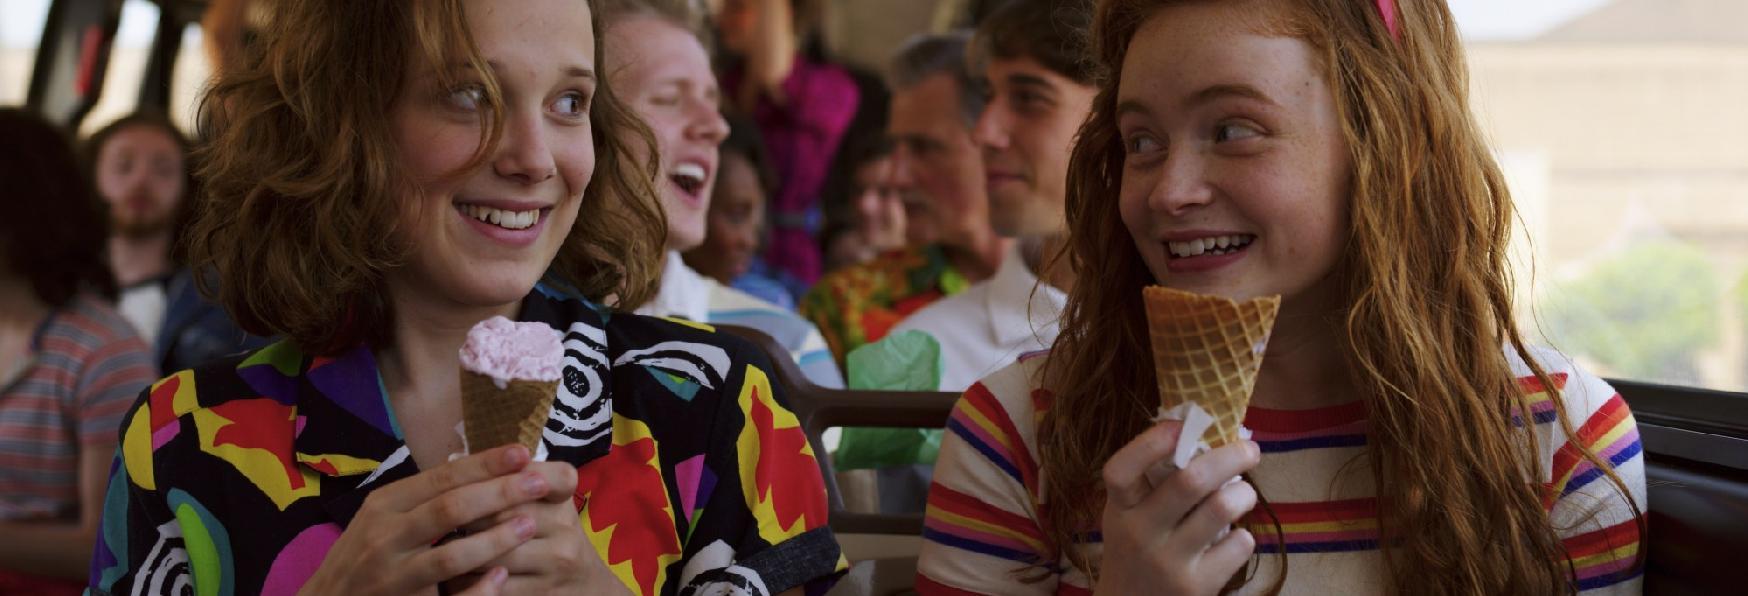 Stranger Things: per Finn Wolfhard la Terza Stagione è la Migliore della Serie